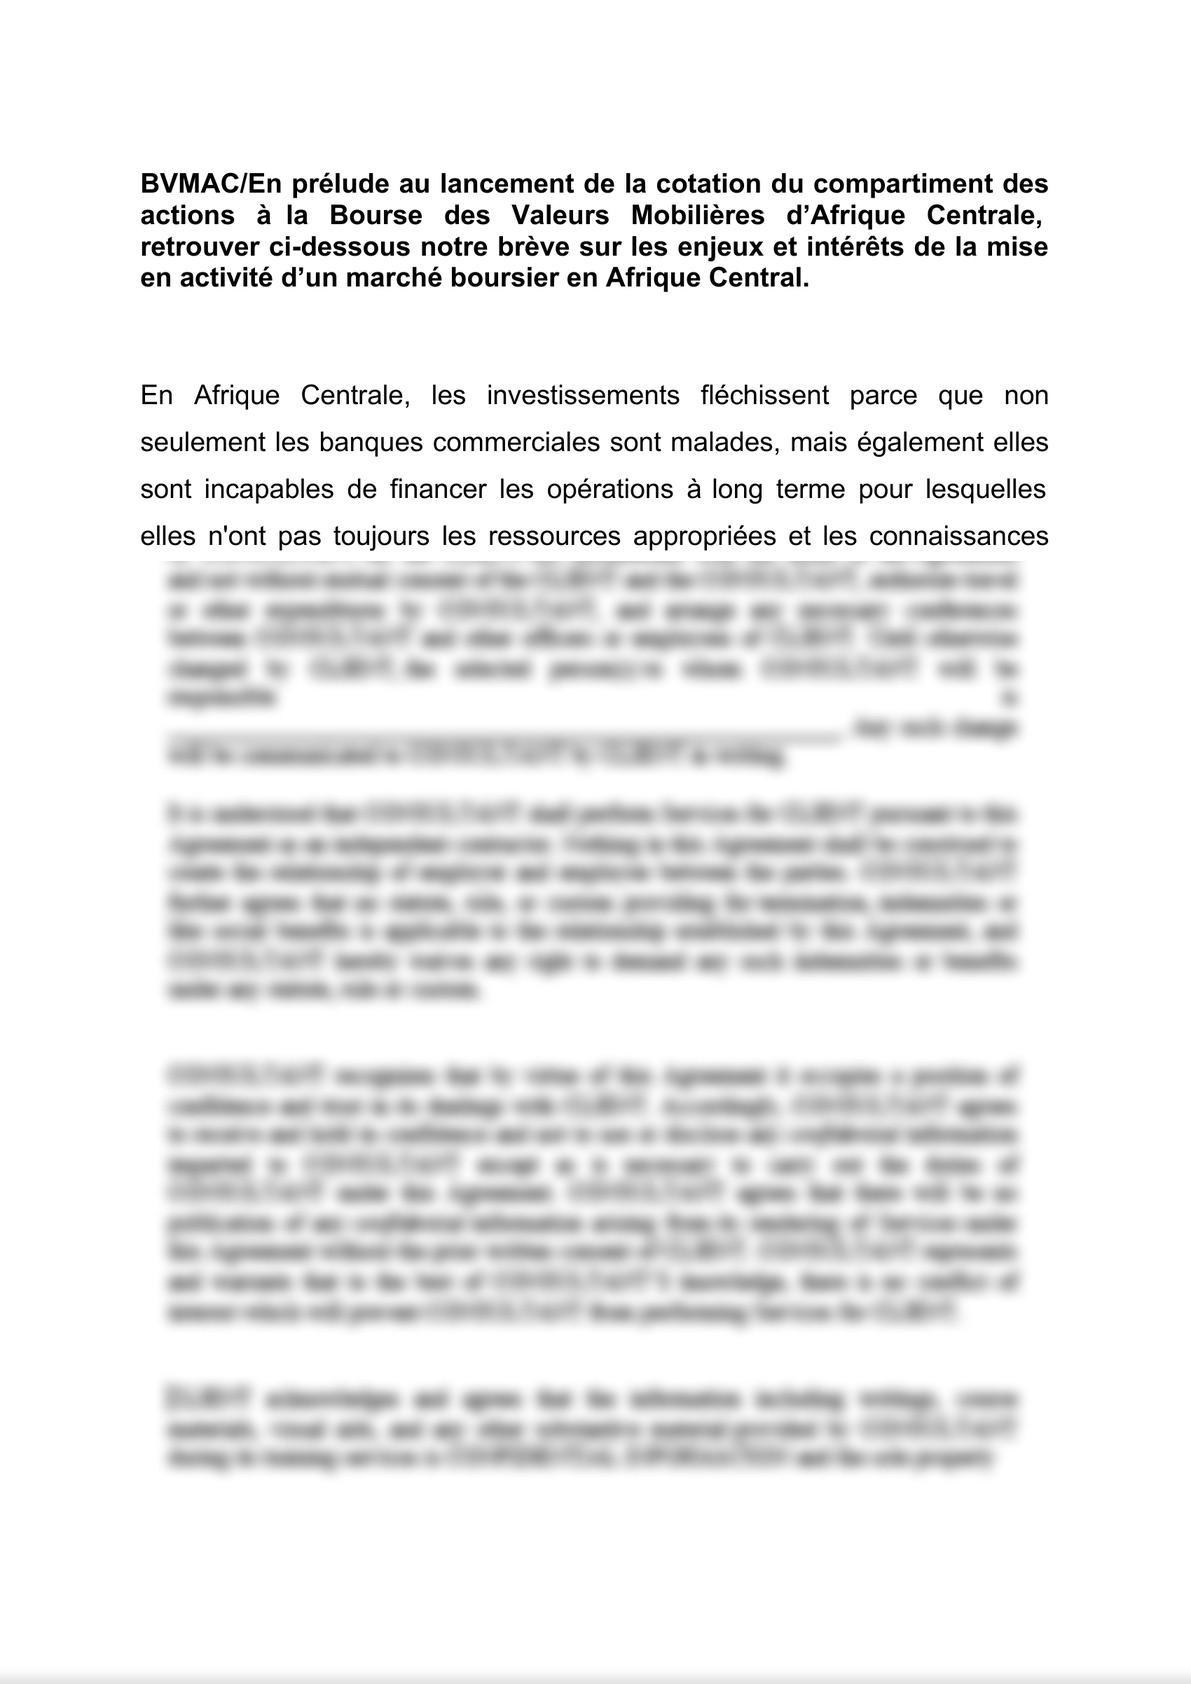 BVMAC/En prélude au lancement de la cotation du compartiment des actions à la Bourse des Valeurs Mobilières d'Afrique Centrale, retrouver ci-dessous notre brève sur les enjeux et intérê-0